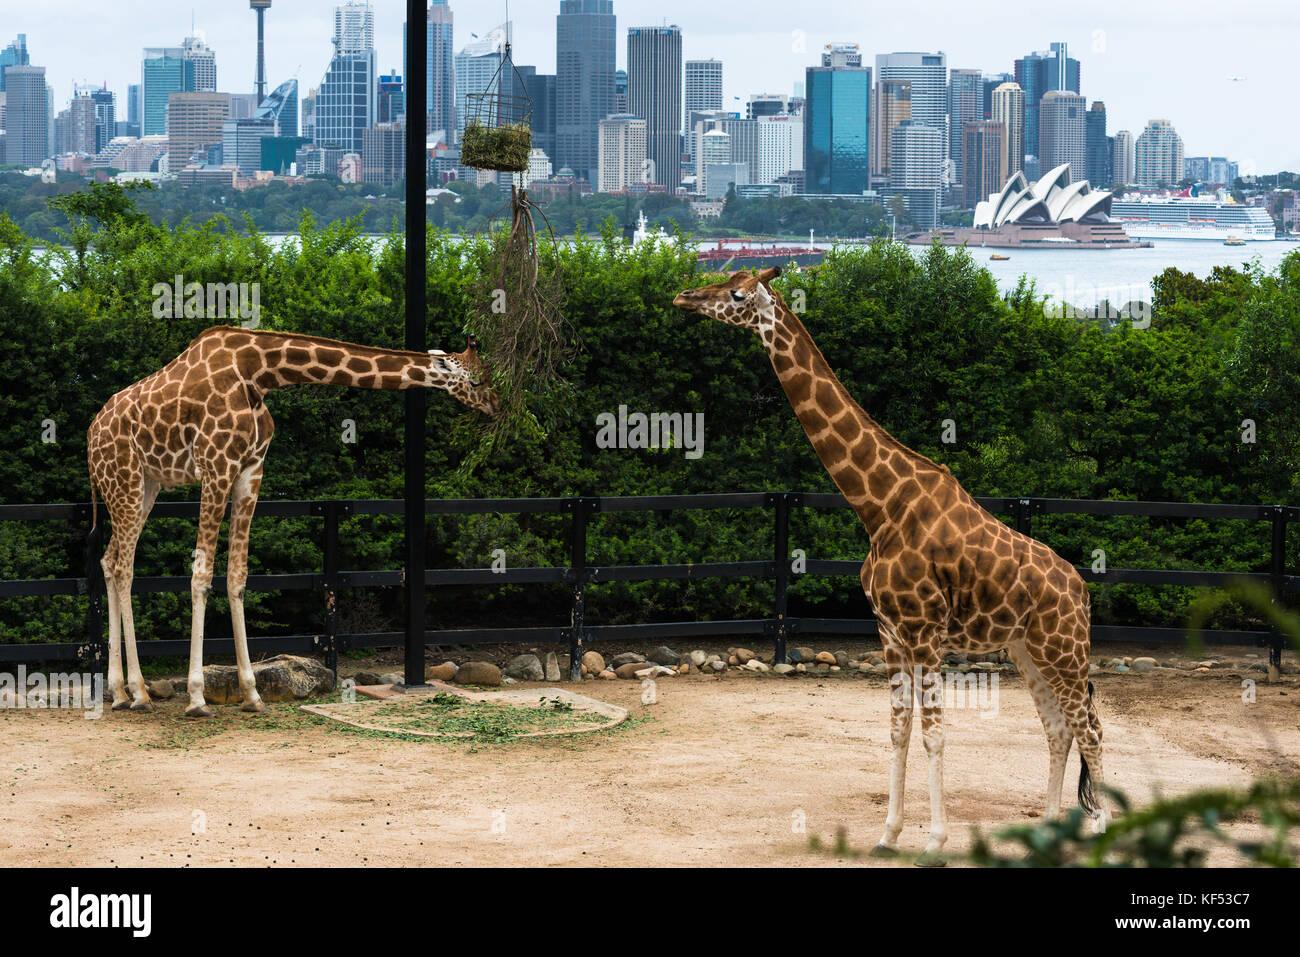 Las jirafas del zoológico Tarronga con vistas al horizonte de la ciudad de Sydney a la parte trasera. Nueva Gales Foto de stock